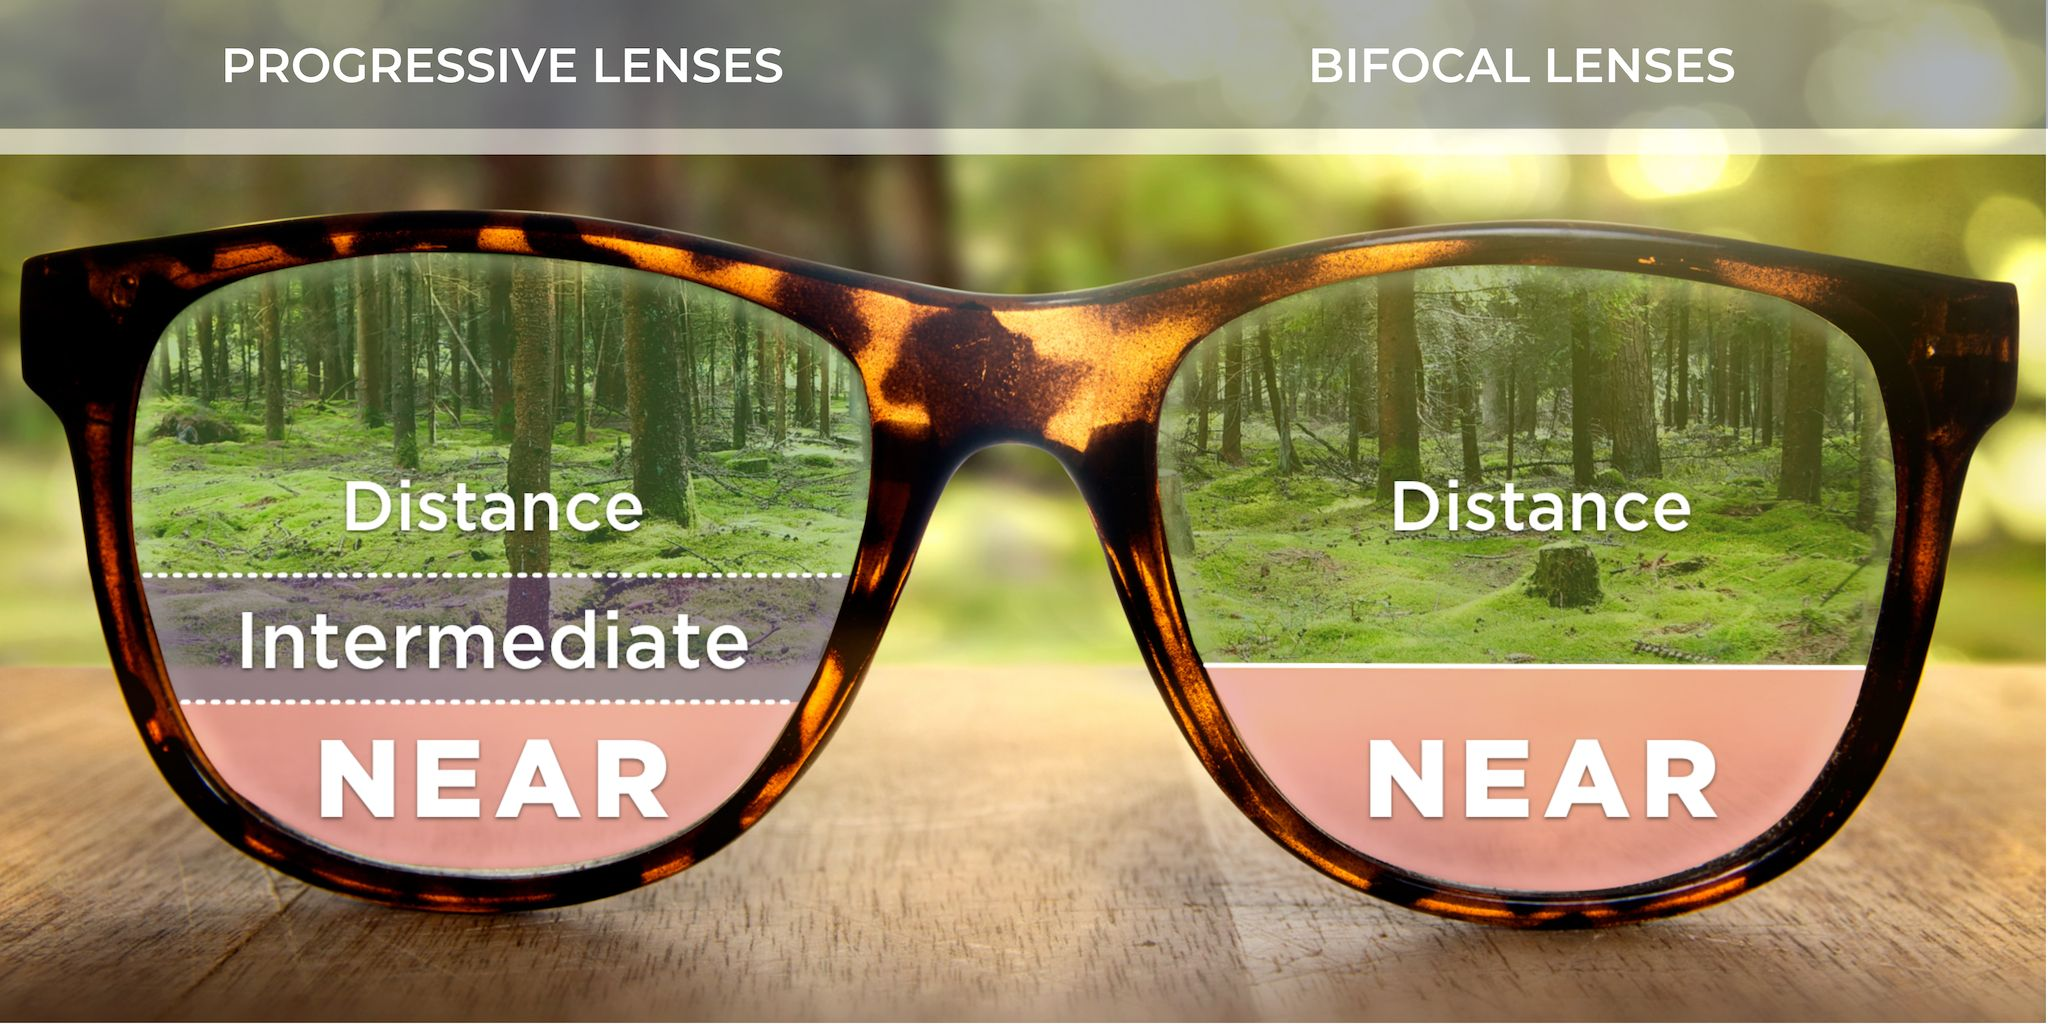 Types Of Lenses For Glasses The Essential Guide To Prescription Lenses Glasses Eyeglass Lenses